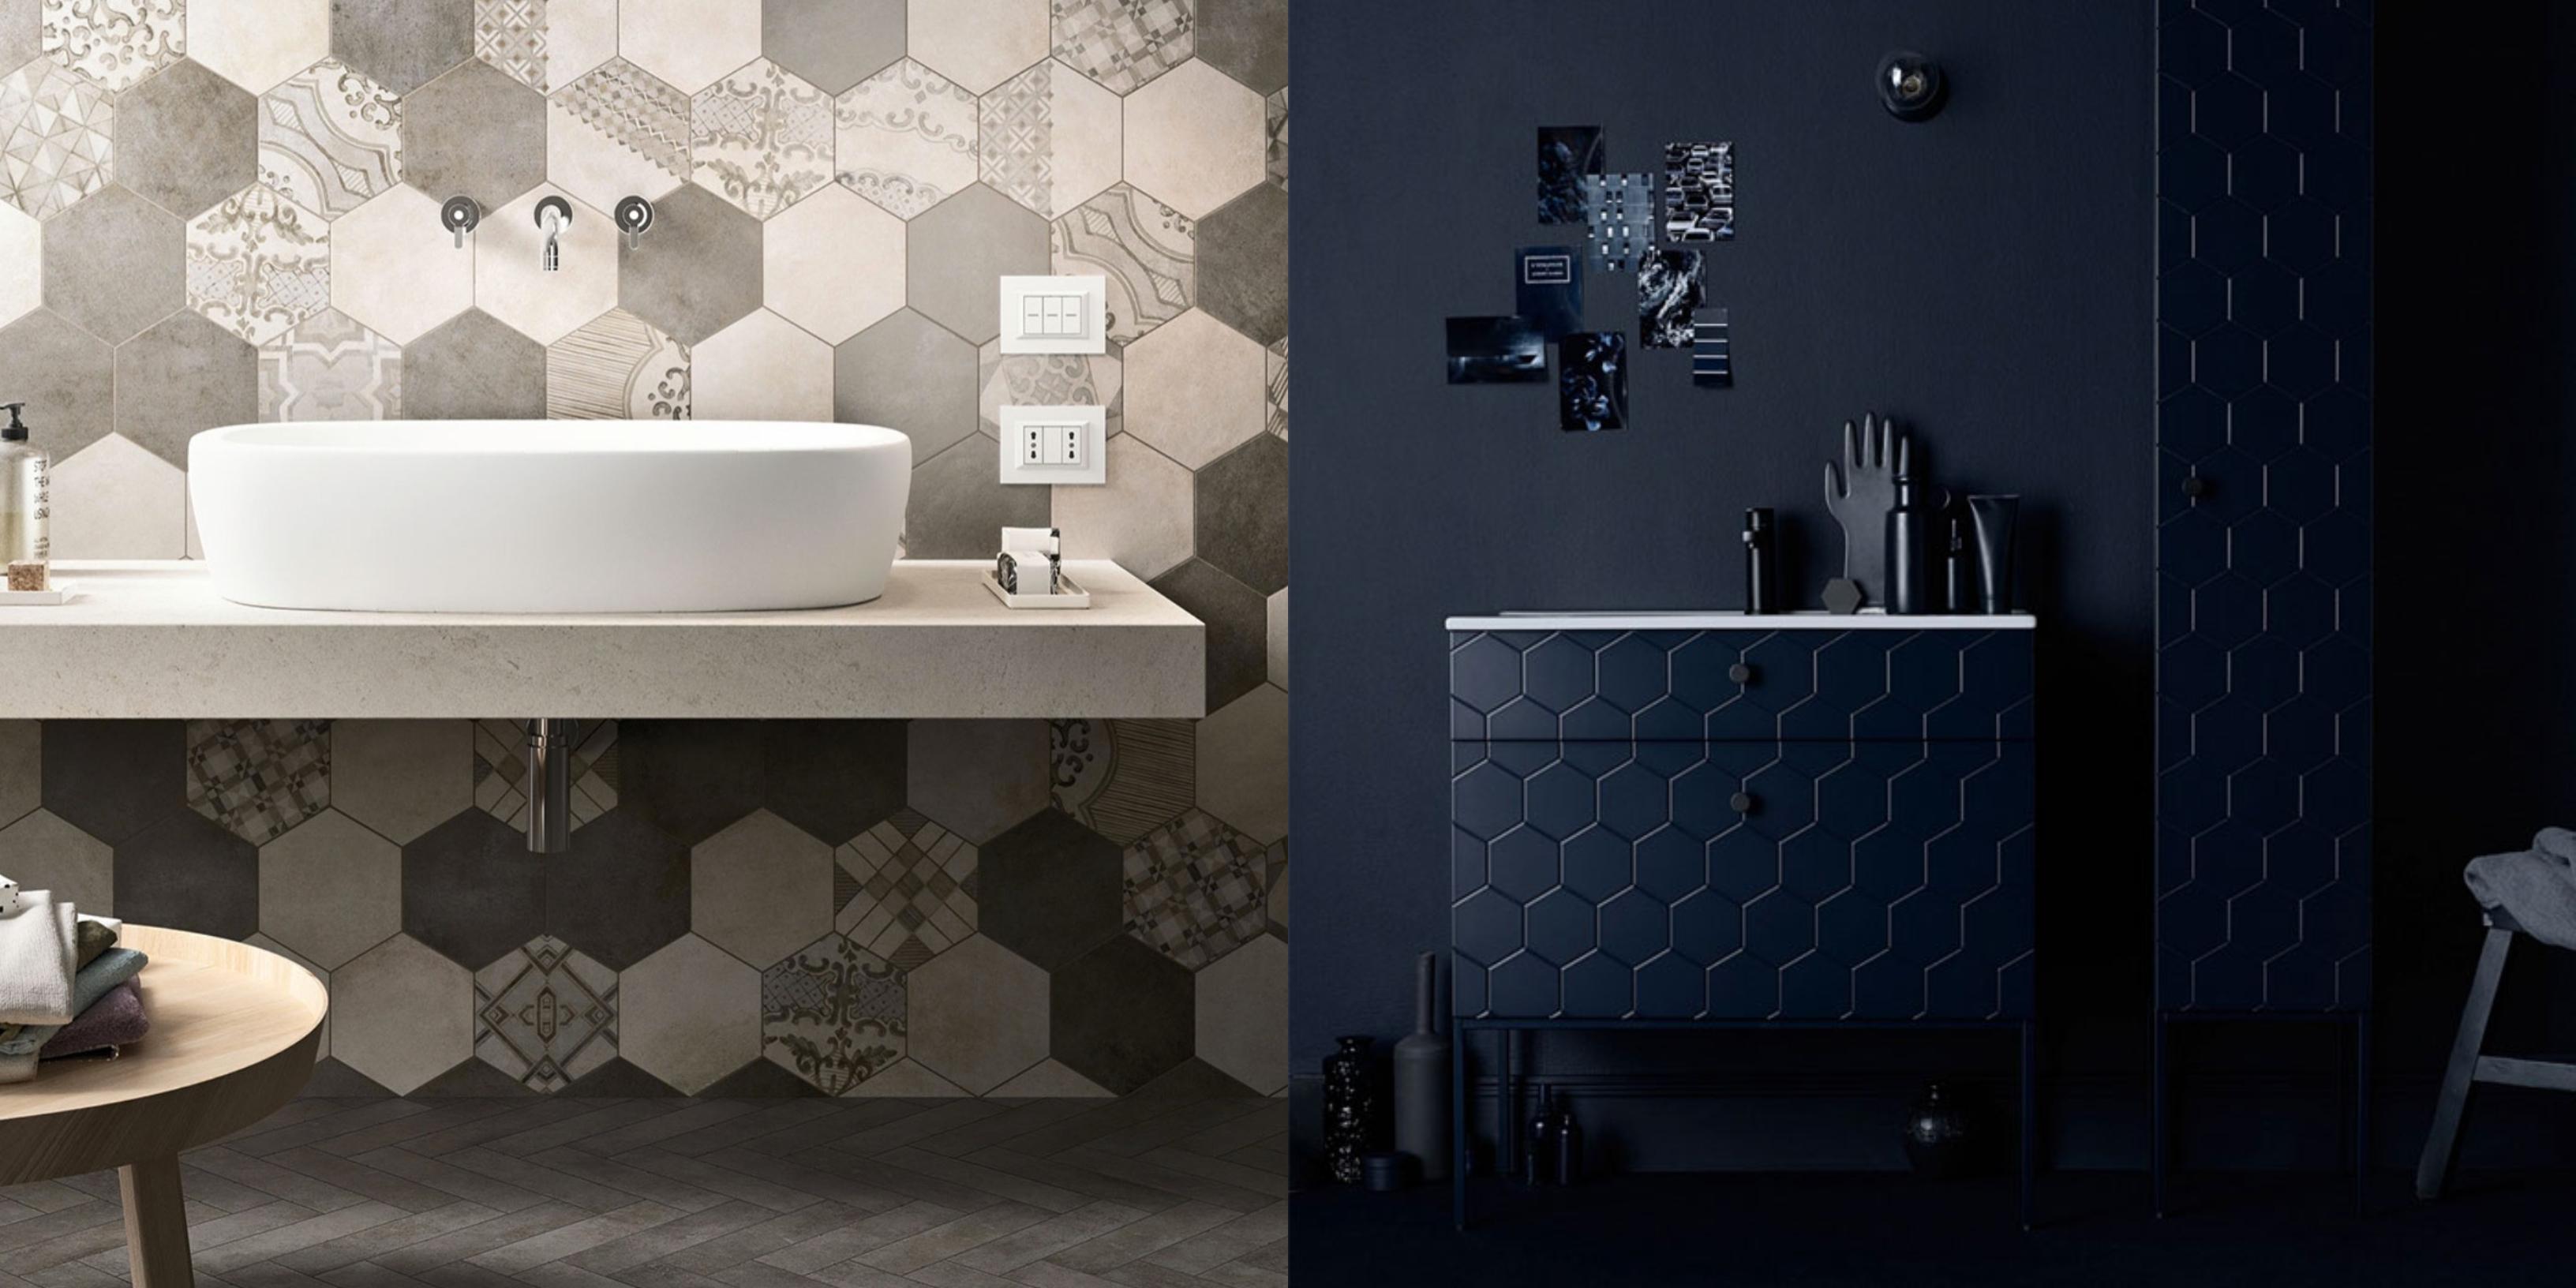 tendencias en la decoracion del baño 2018, cuartos de baño modernos estilo contemporáneo, azulejos hexagonales